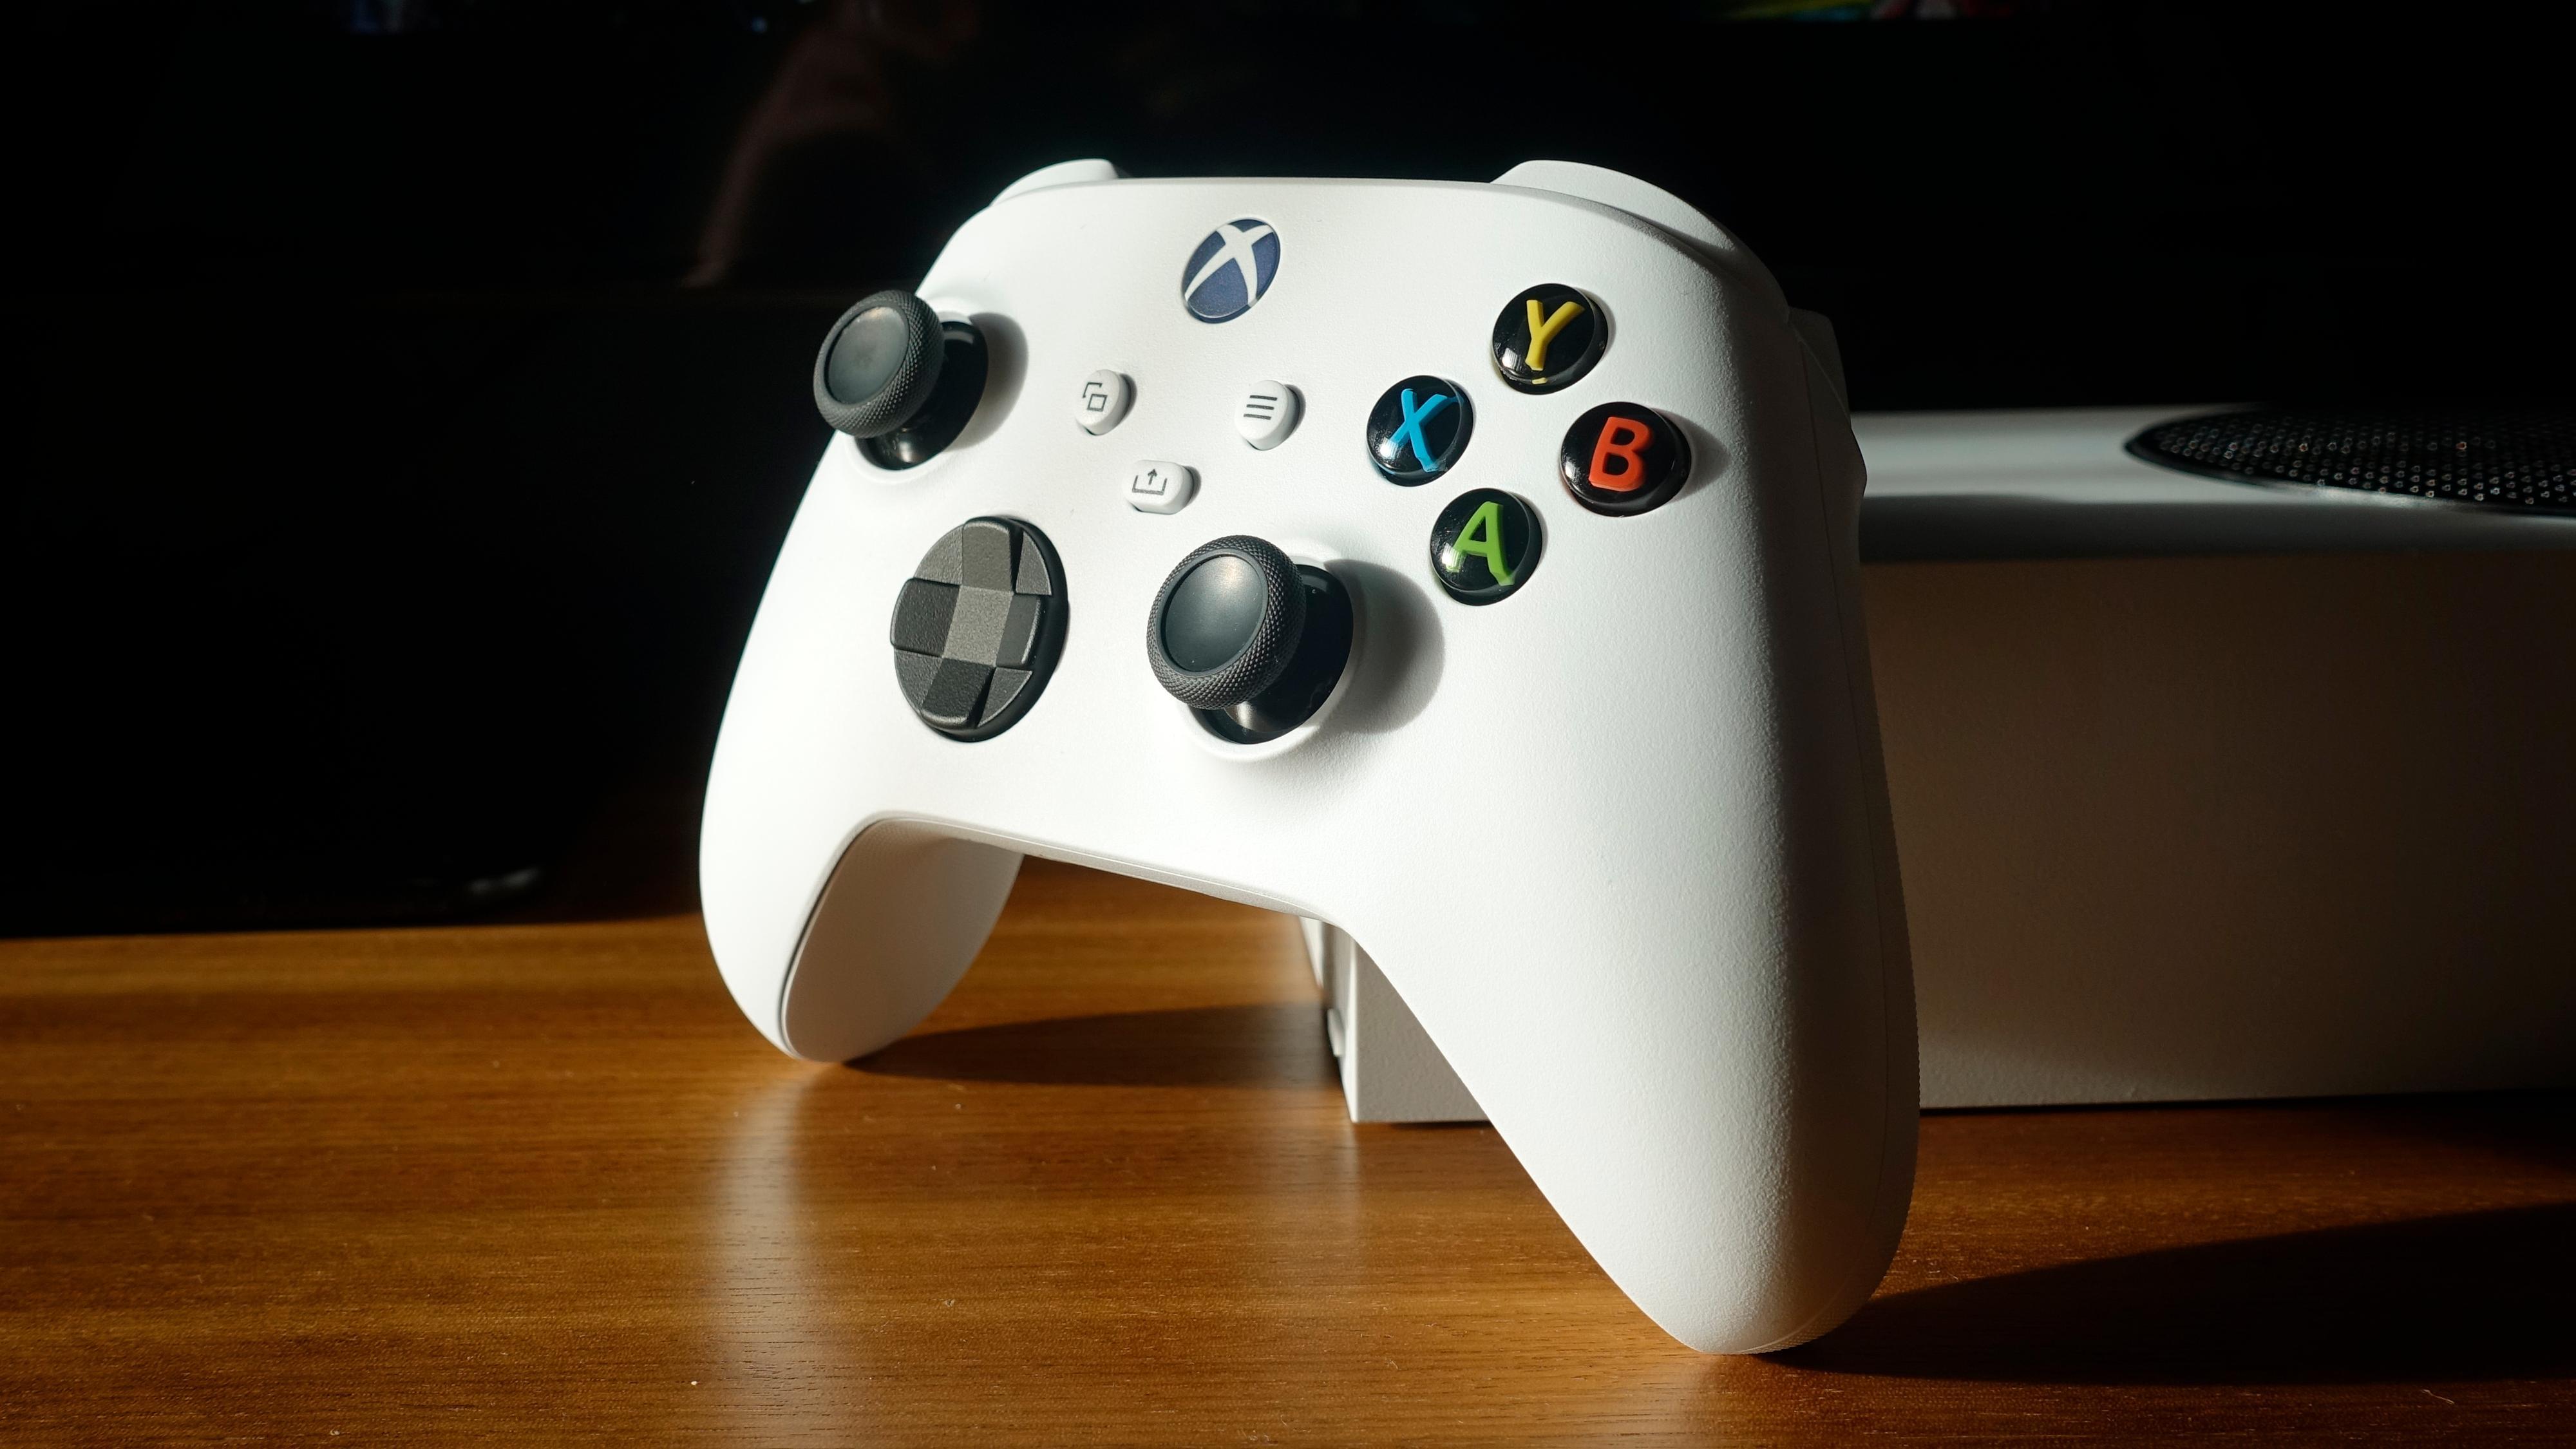 Har du brukt en Xbox-kontroller tidligere, føles den nye umiddelbart kjent ut i hånden. Den er utmerket.